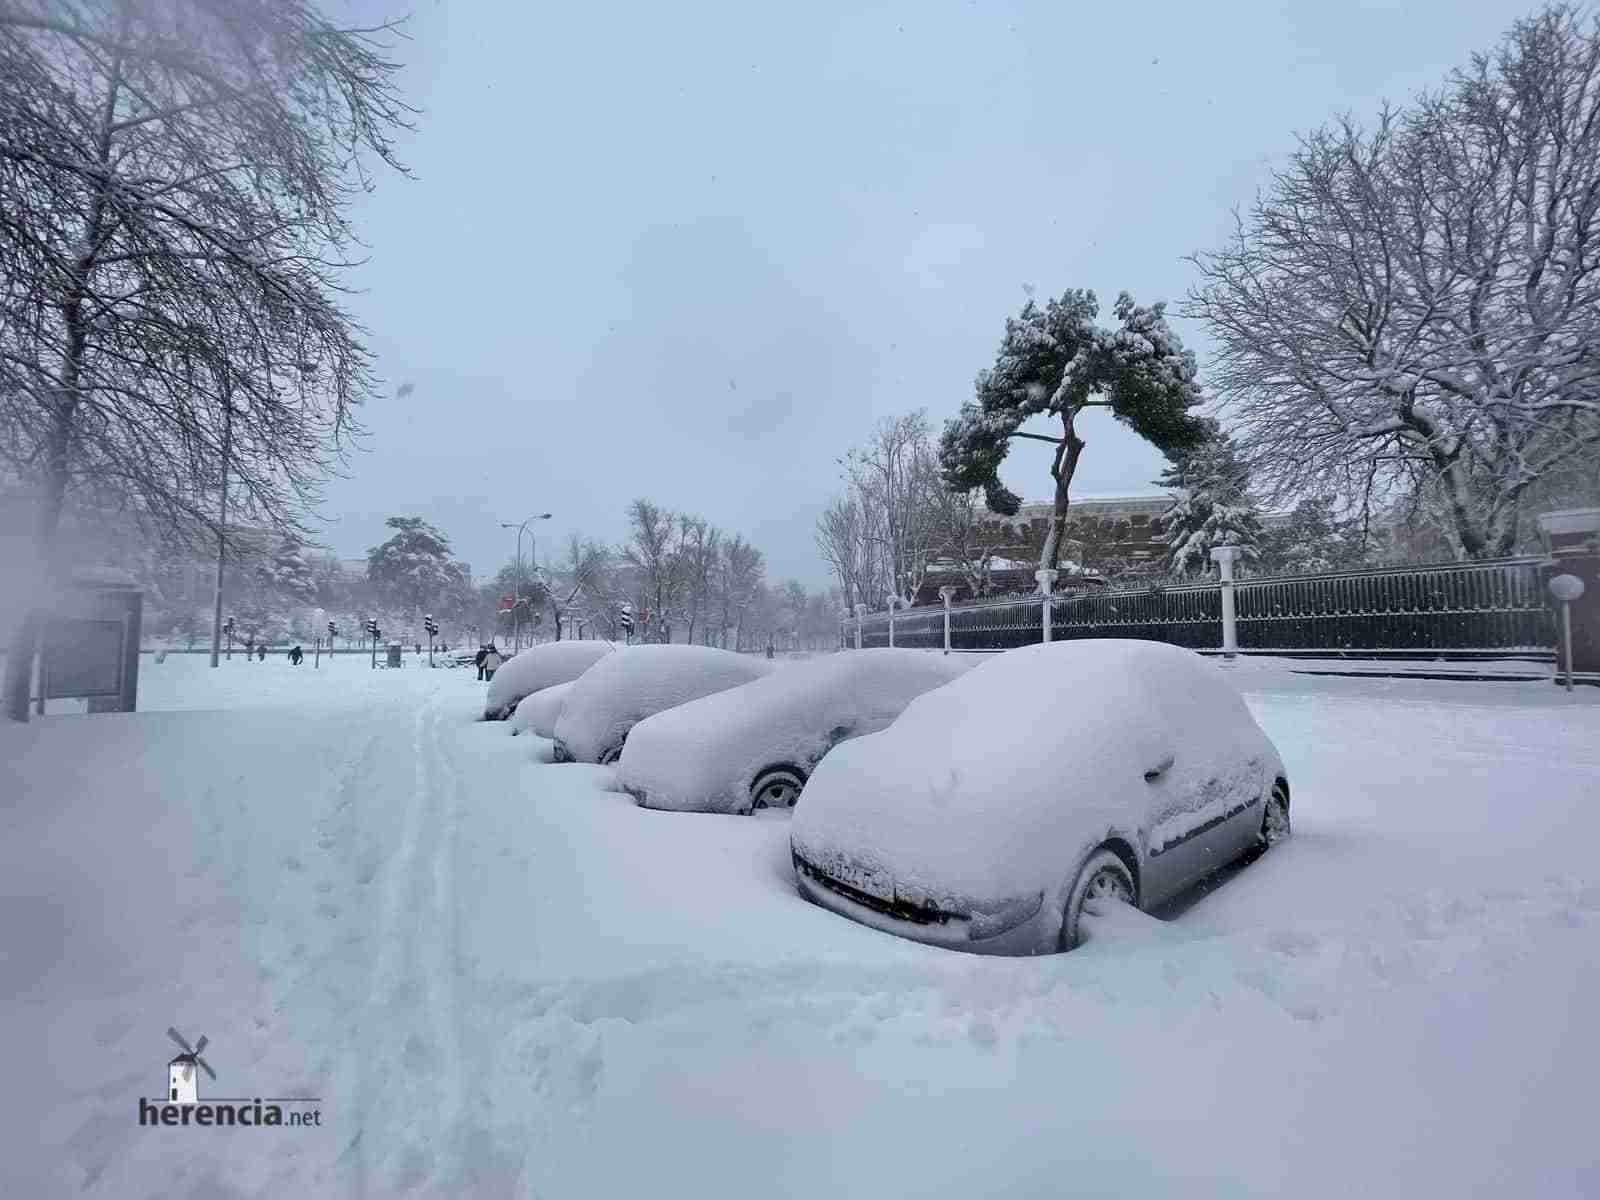 Fotografías de la nevada de enero en Madrid (España) 144